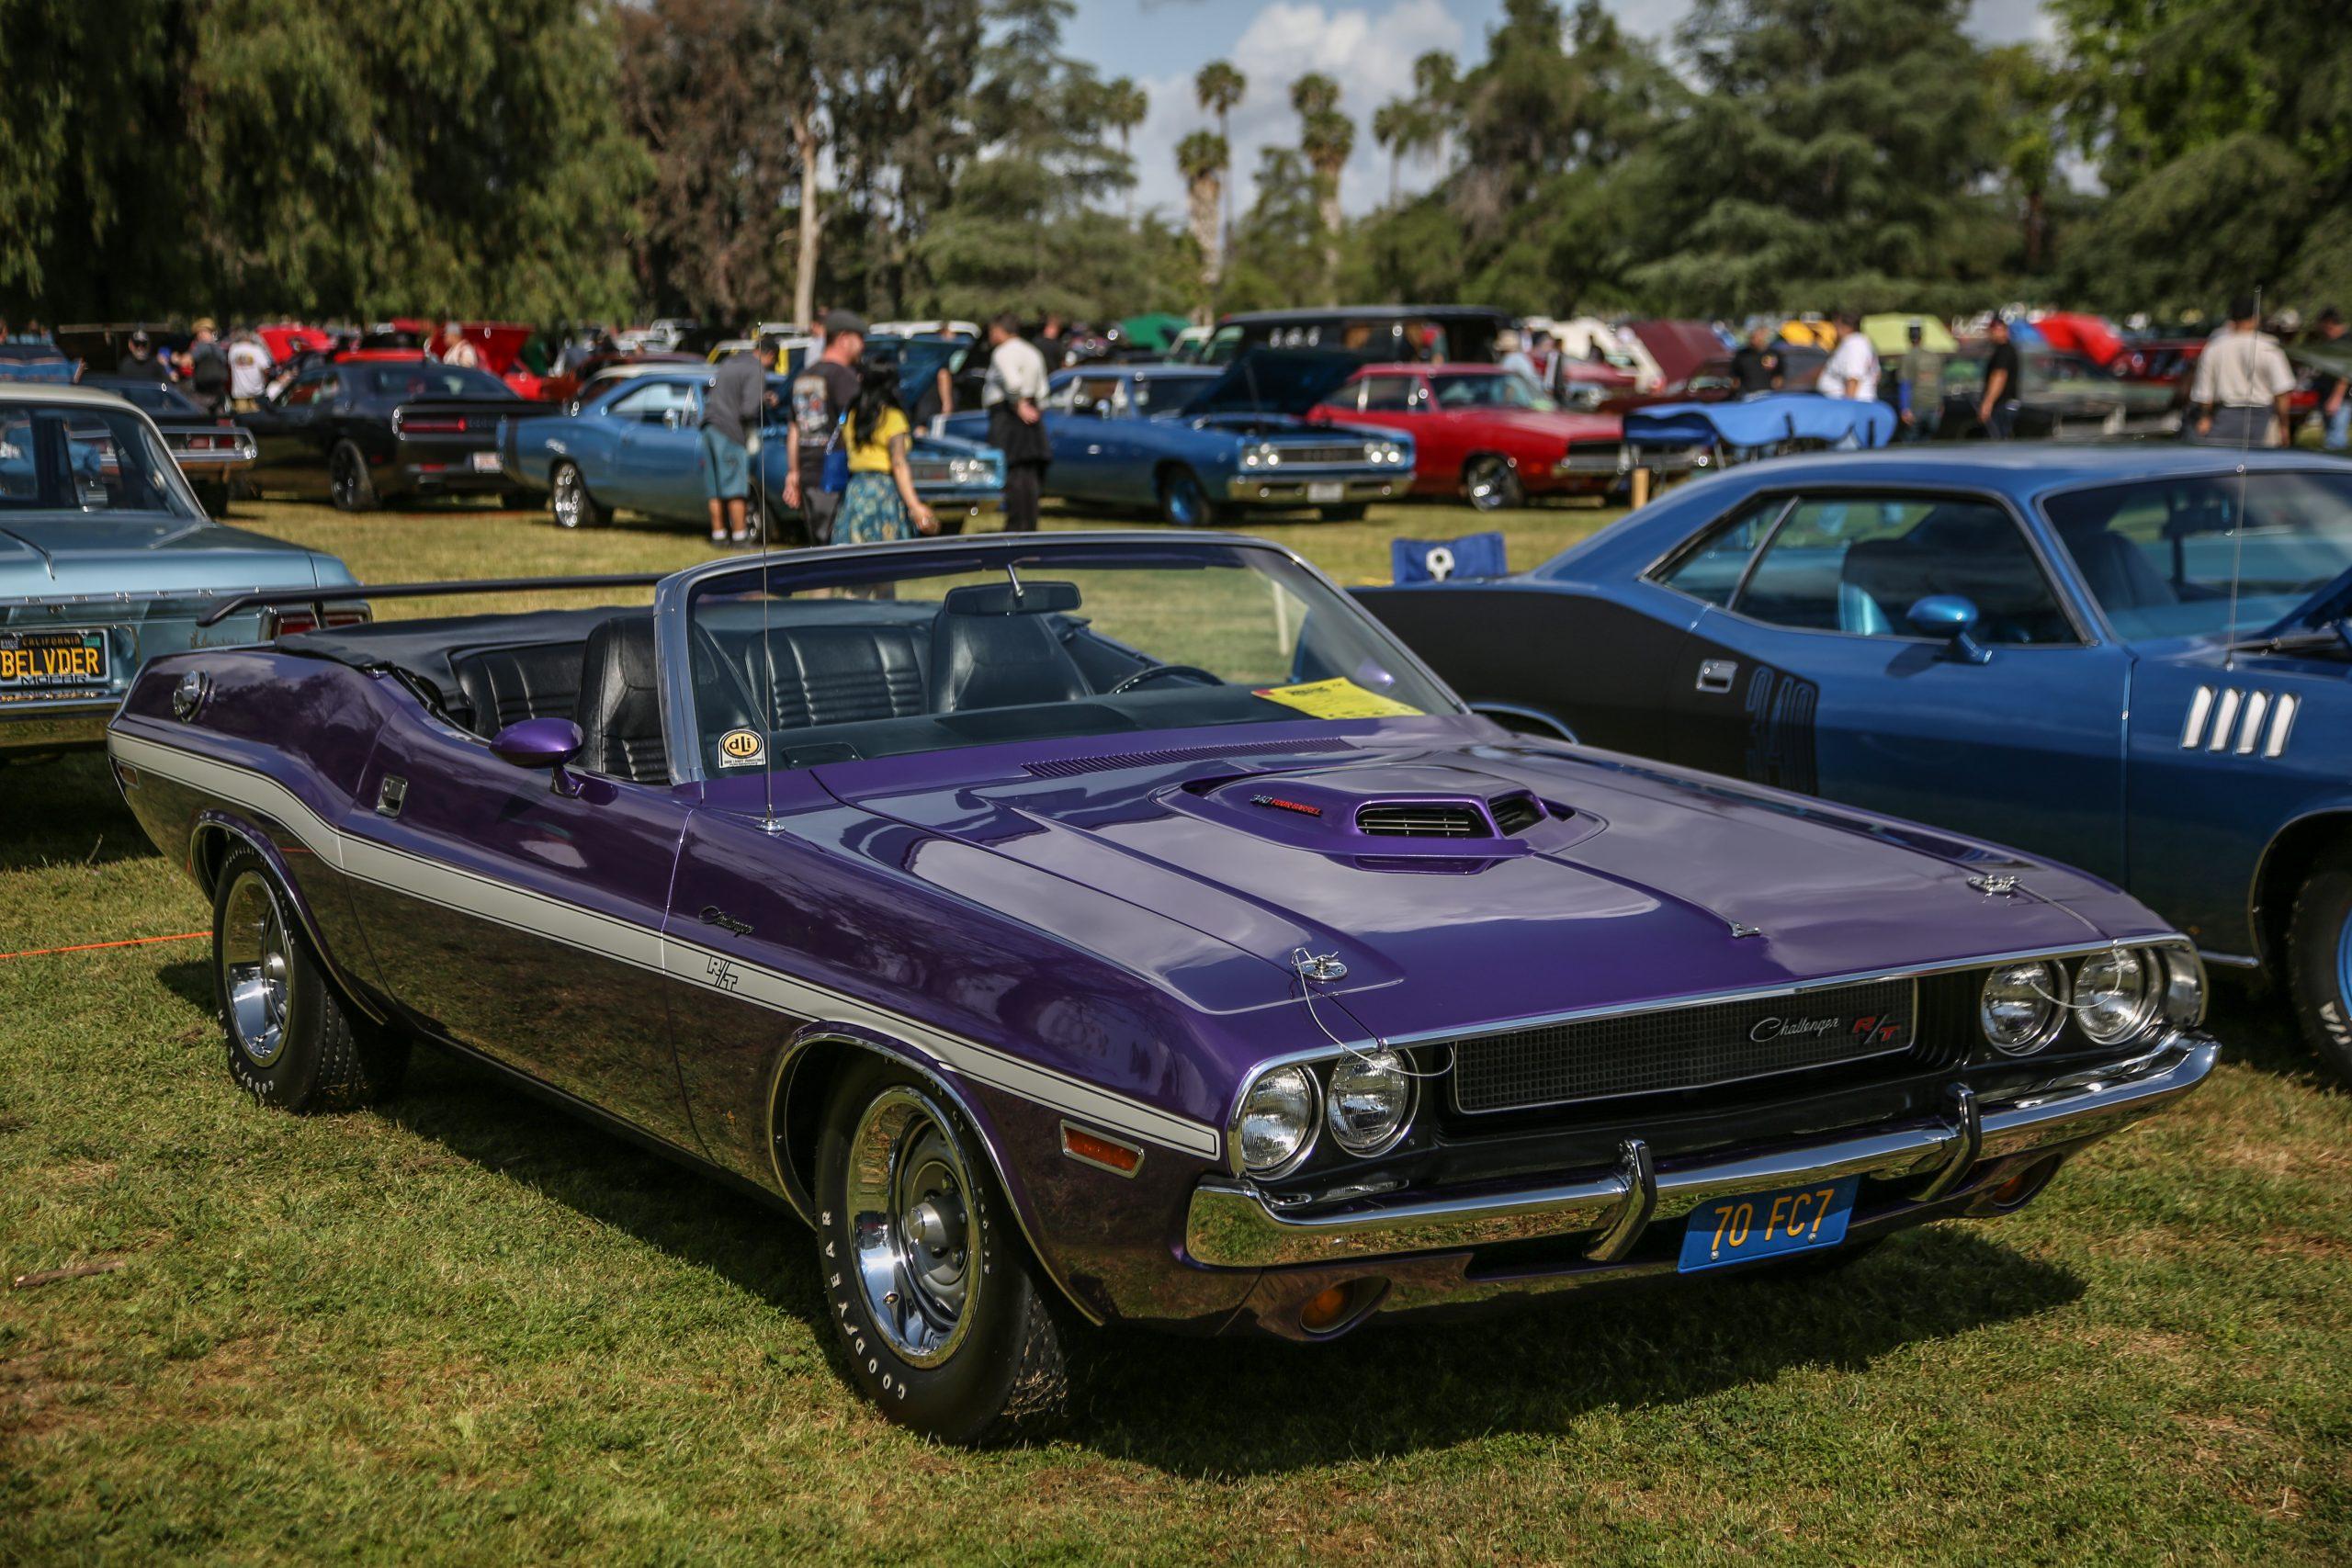 1970 Challenger Shaker Hood Scoop